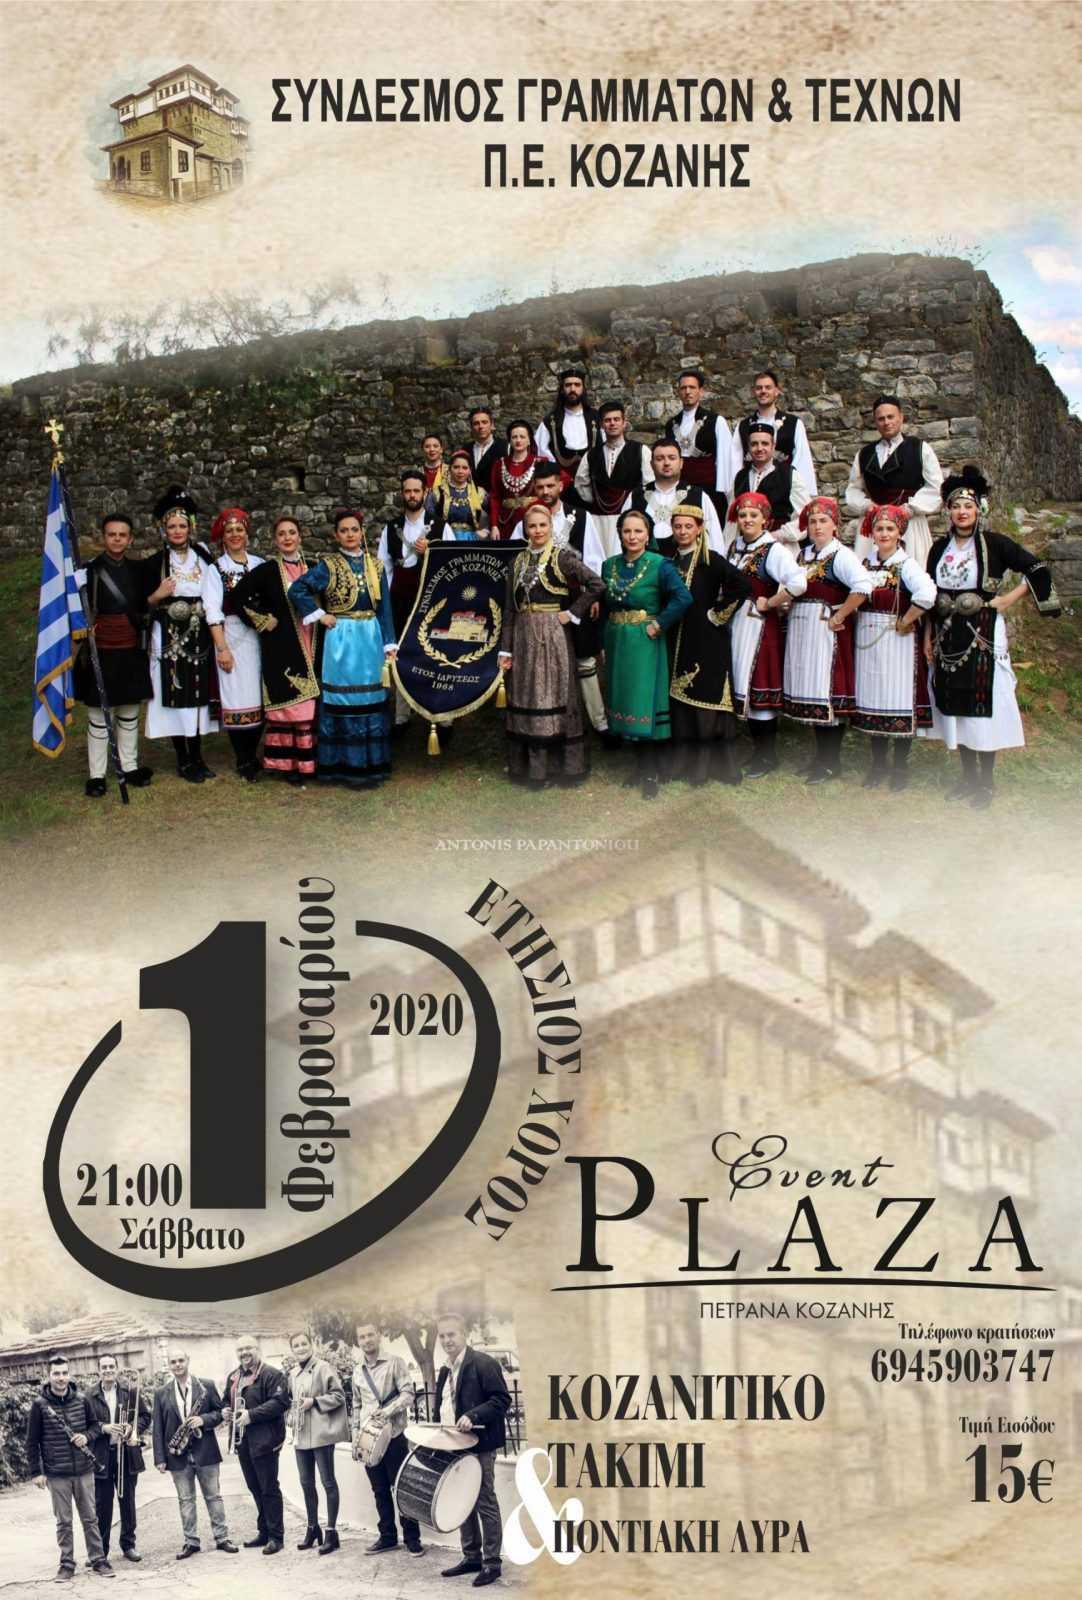 Ο Σύνδεσμος Γραμμάτων και Τεχνών Κοζάνης πραγματοποιεί τον ετήσιο χορό του το Σάββατο 1 Φεβρουαρίου